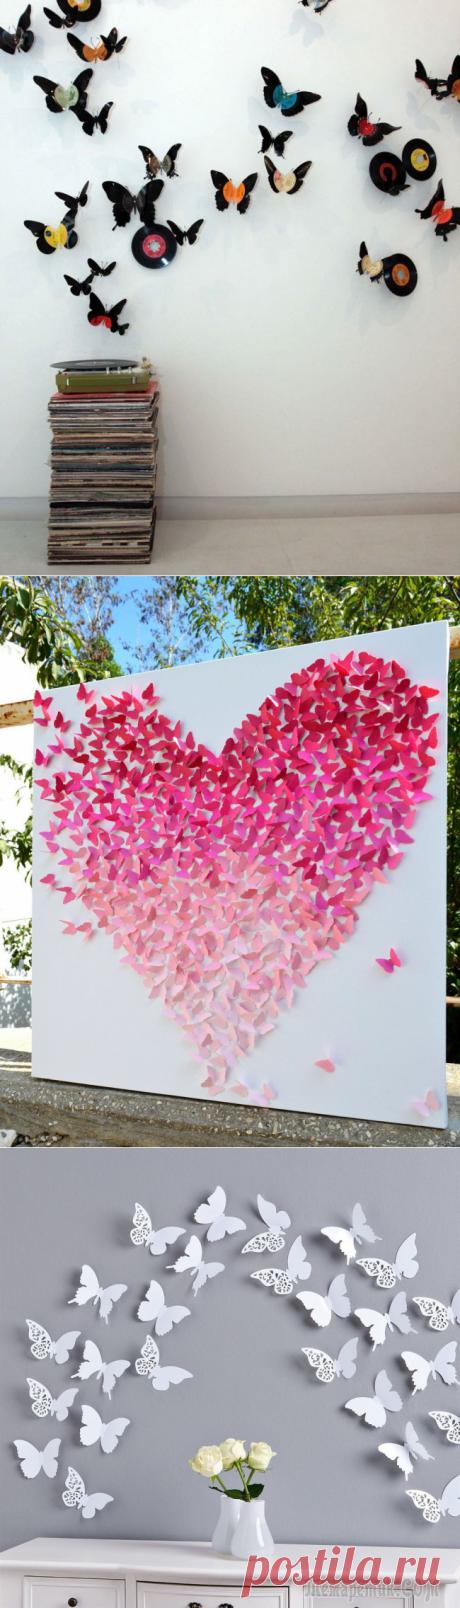 Бабочки на стене: вдохновляющие фотоидеи и мастер-класс по декору своими руками